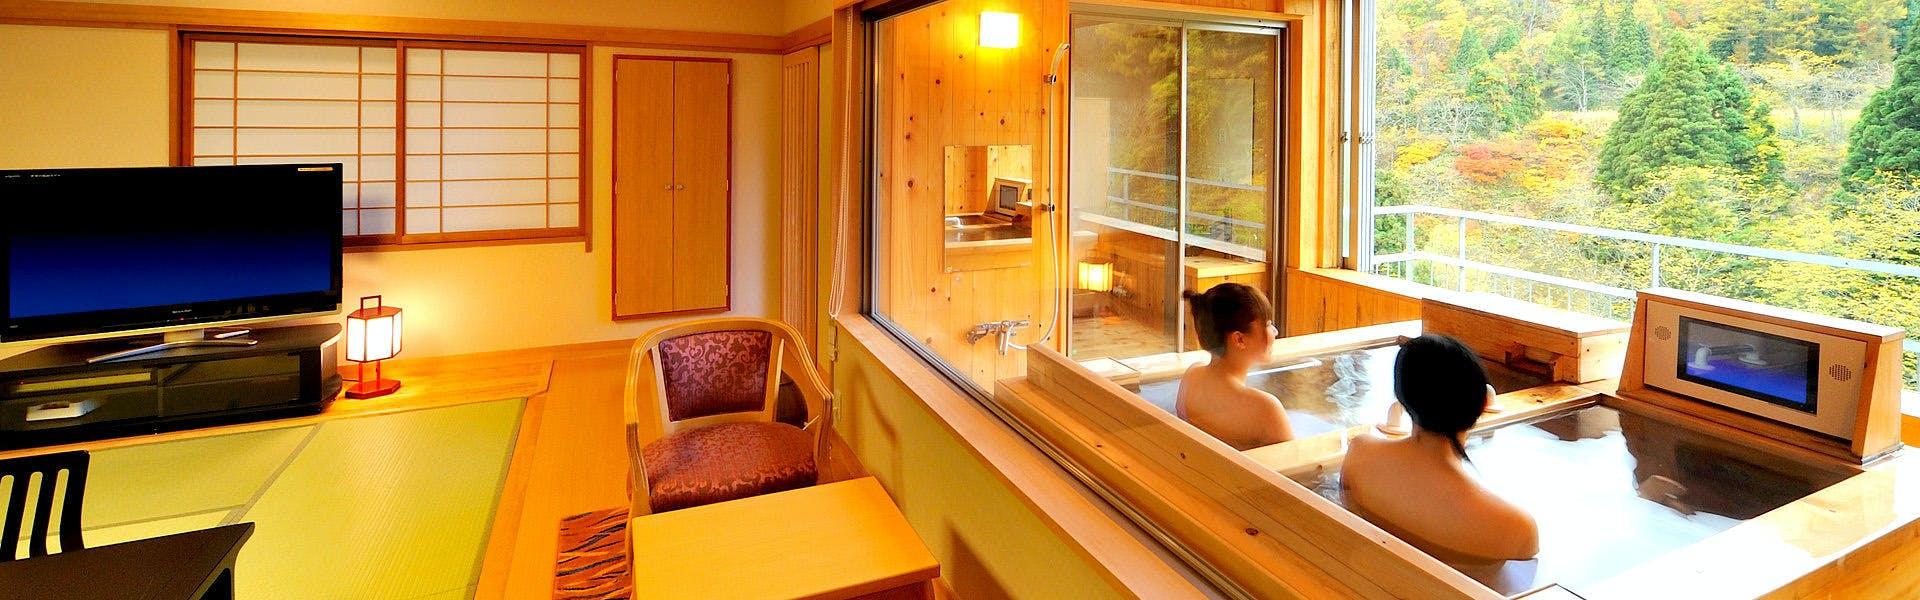 記念日におすすめのホテル・【銀山温泉 仙峡の宿 銀山荘】 の空室状況を確認するの写真2